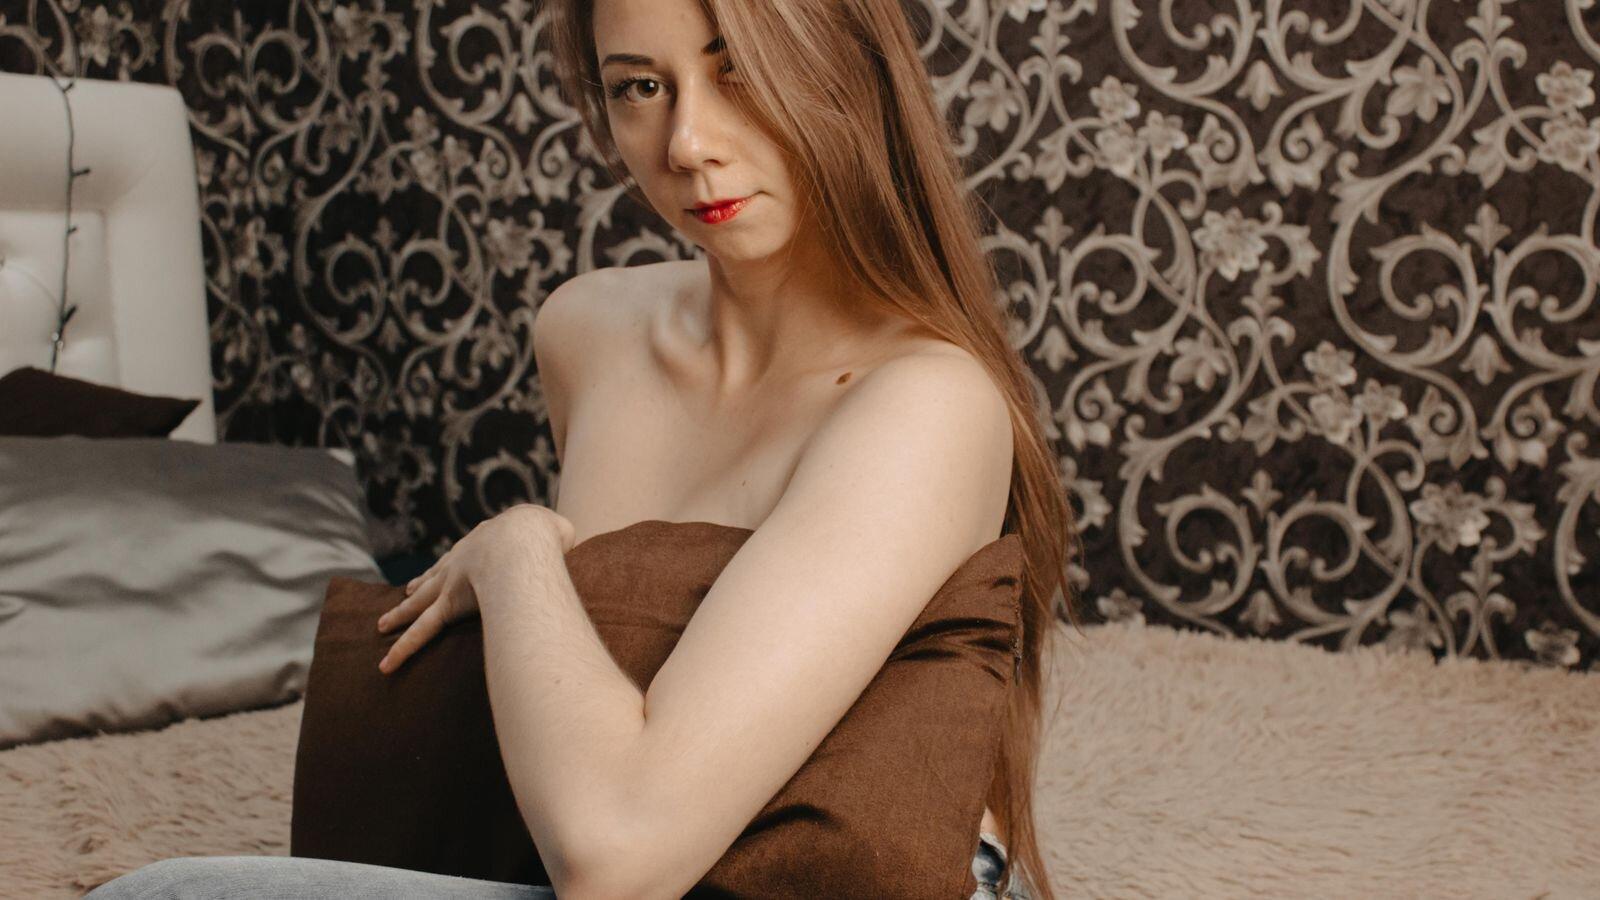 JulianaAmor